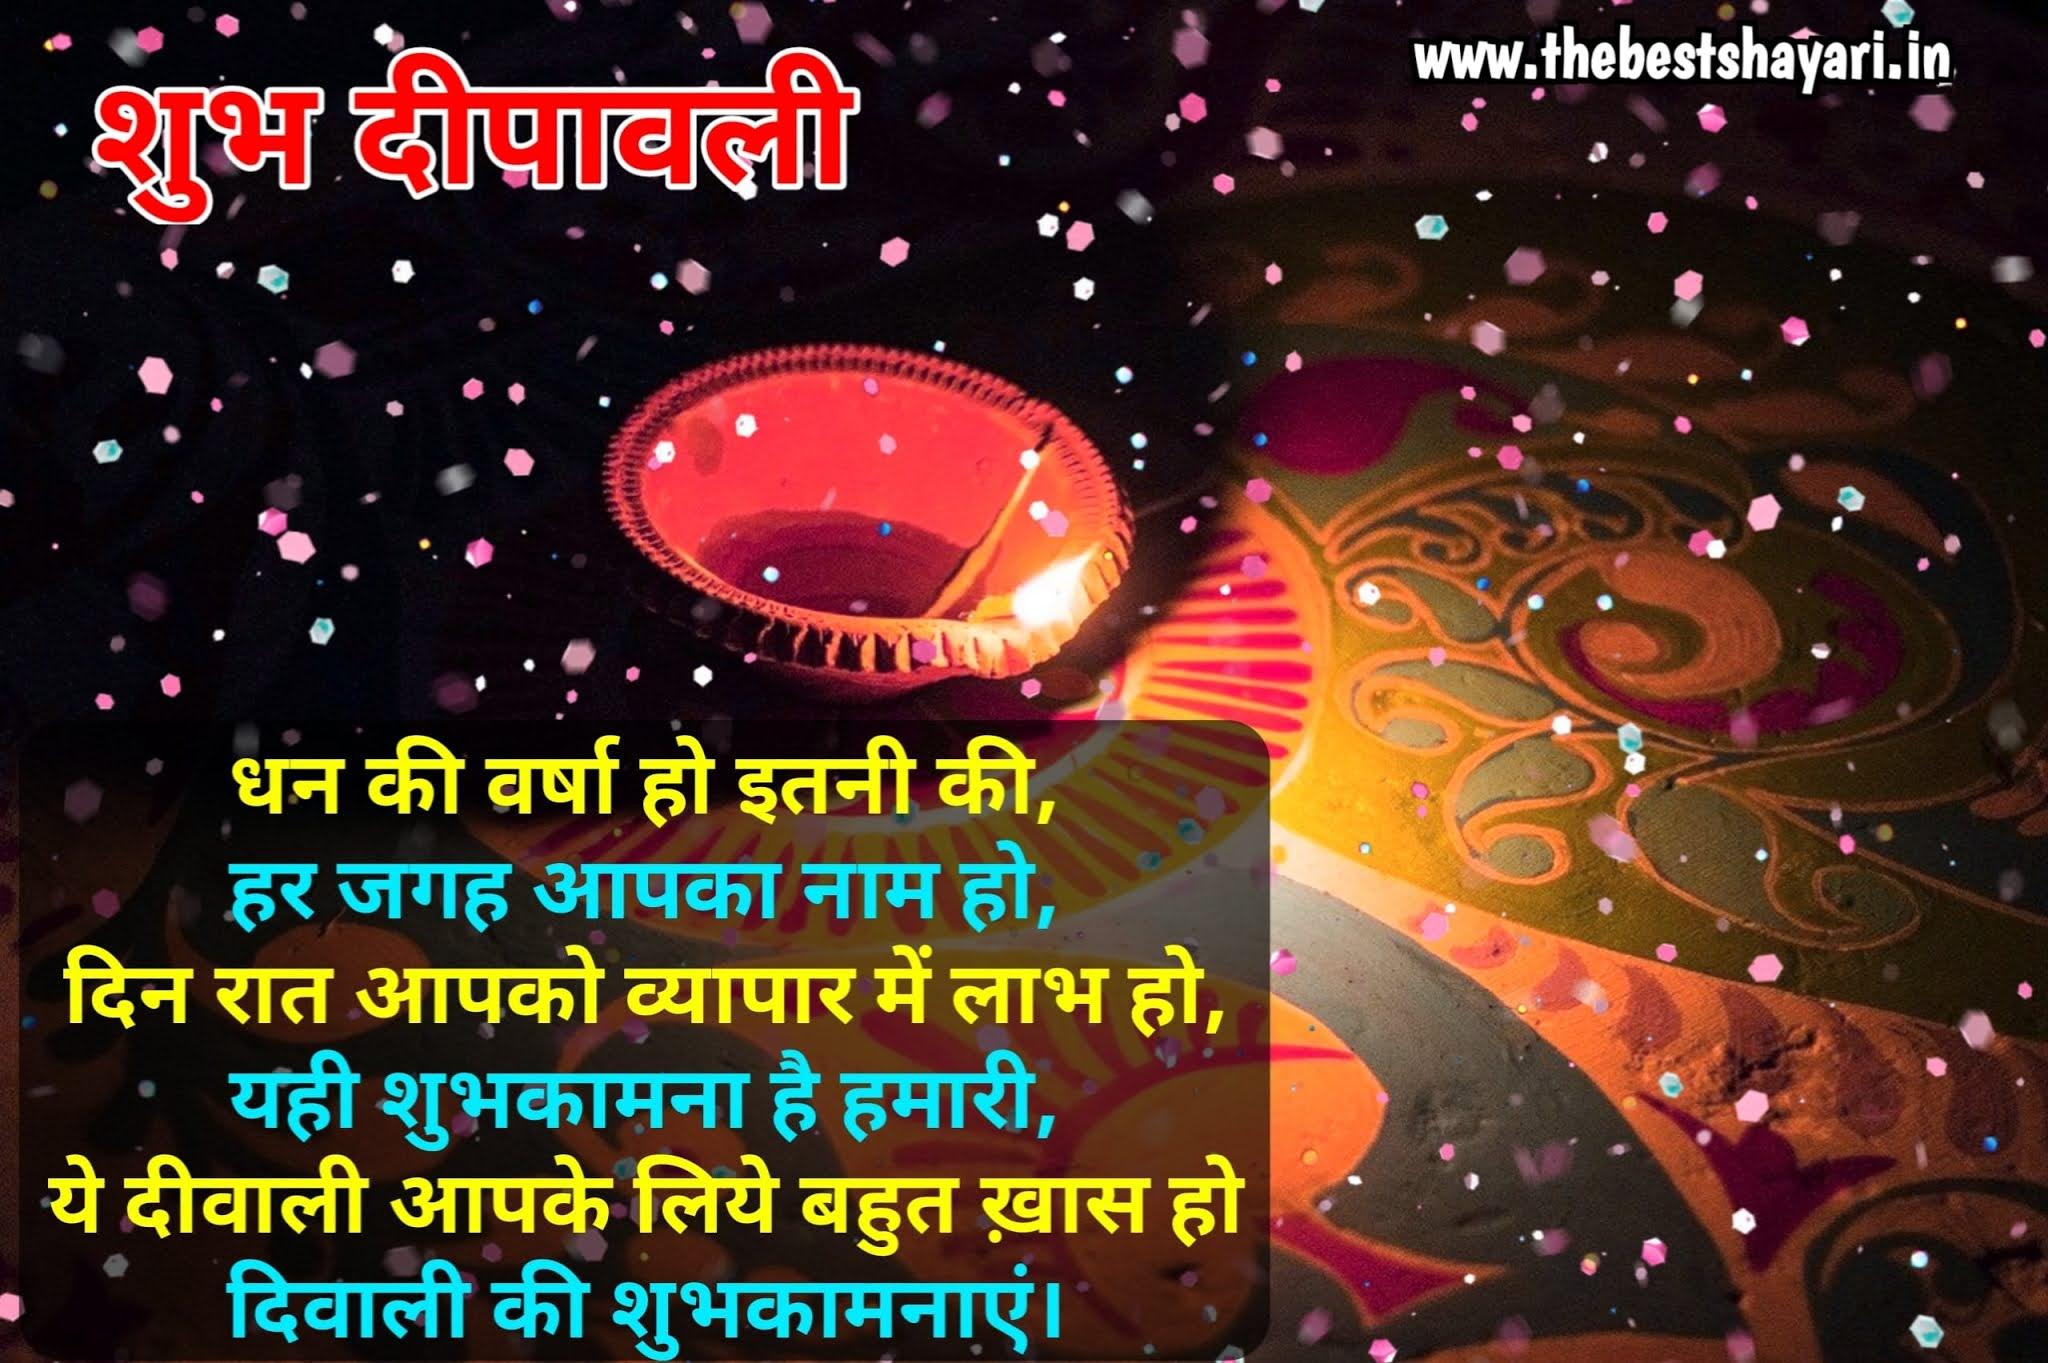 Diwali wishing message in Hindi